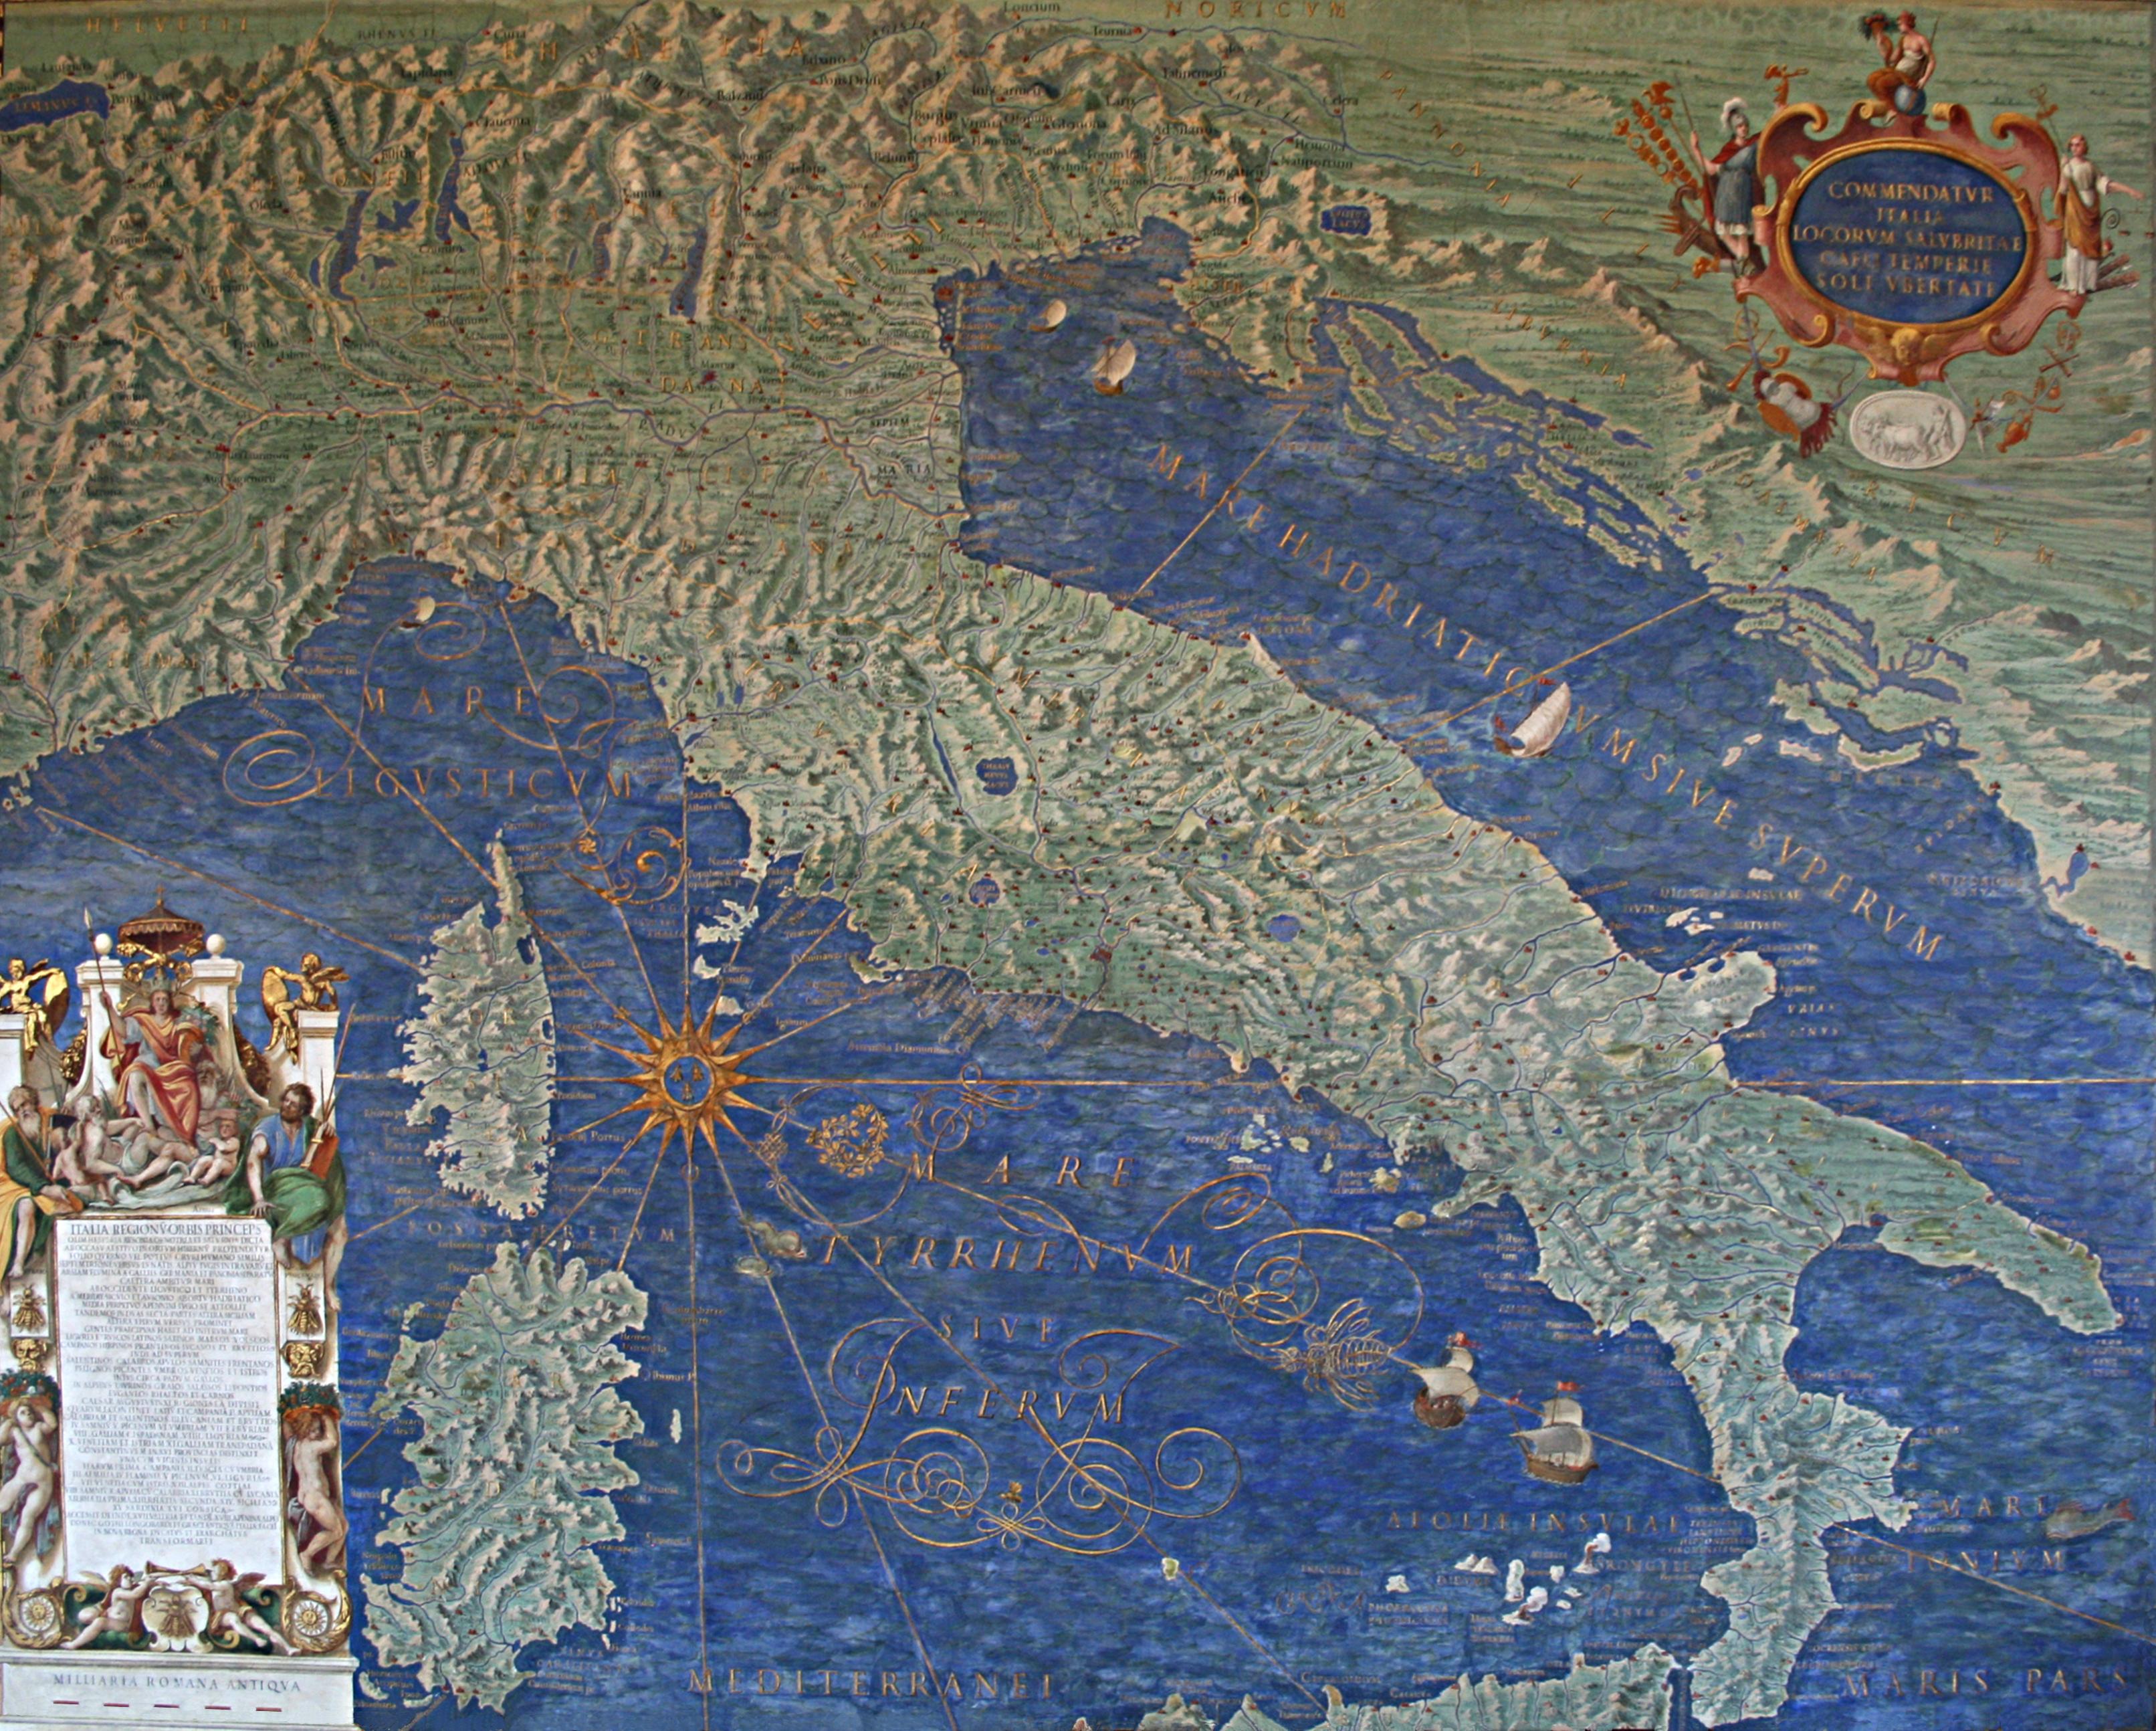 Italie_-_Corse_-_Sardaigne_-_Galleria_delle_carte_geografiche